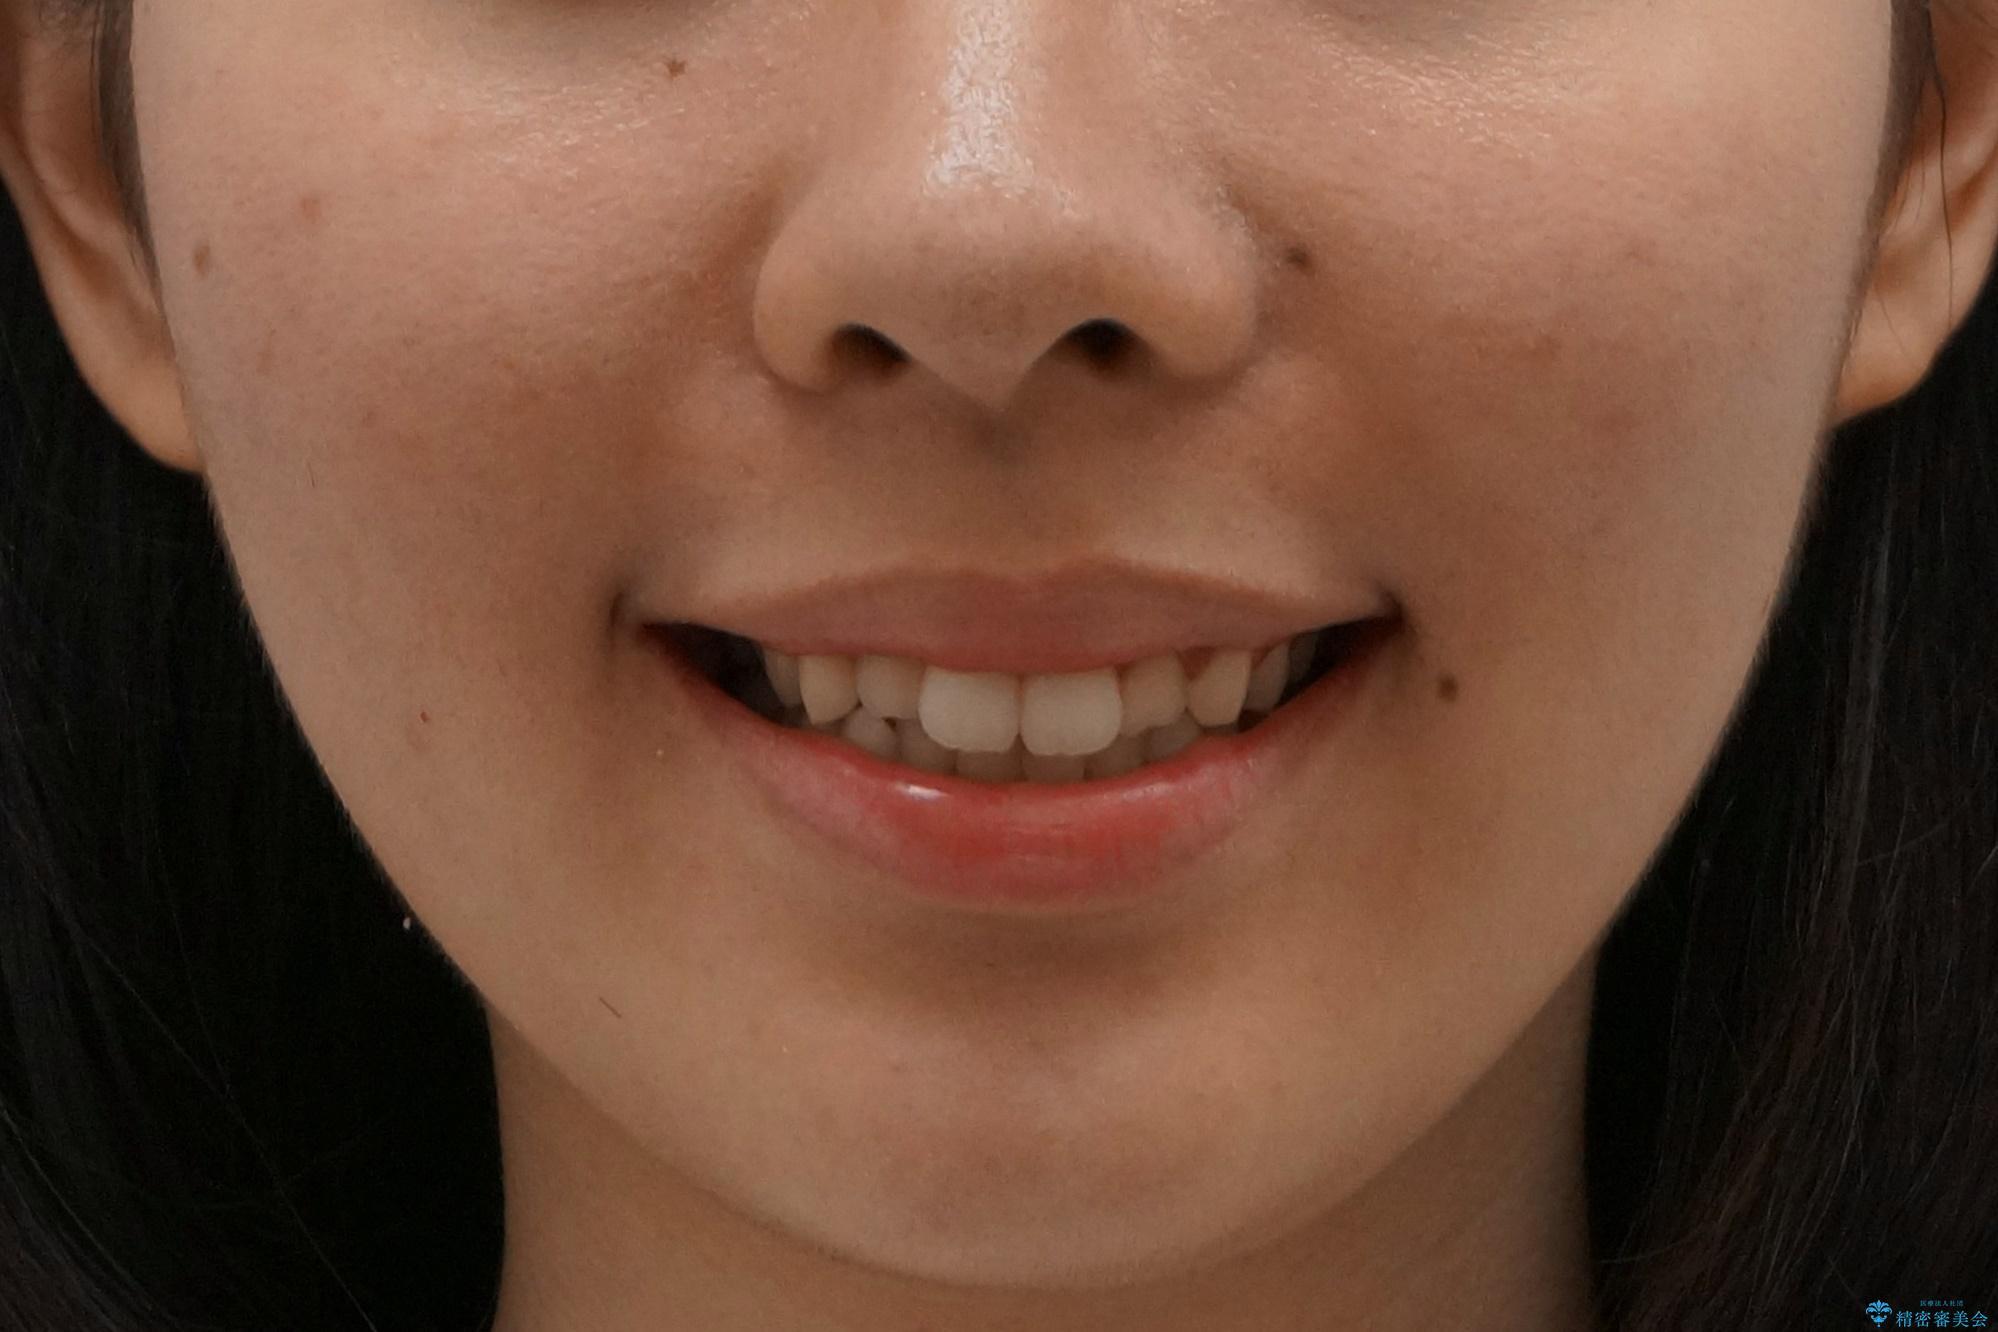 マウスピース矯正 下顎前歯のがたつきの改善の治療前(顔貌)